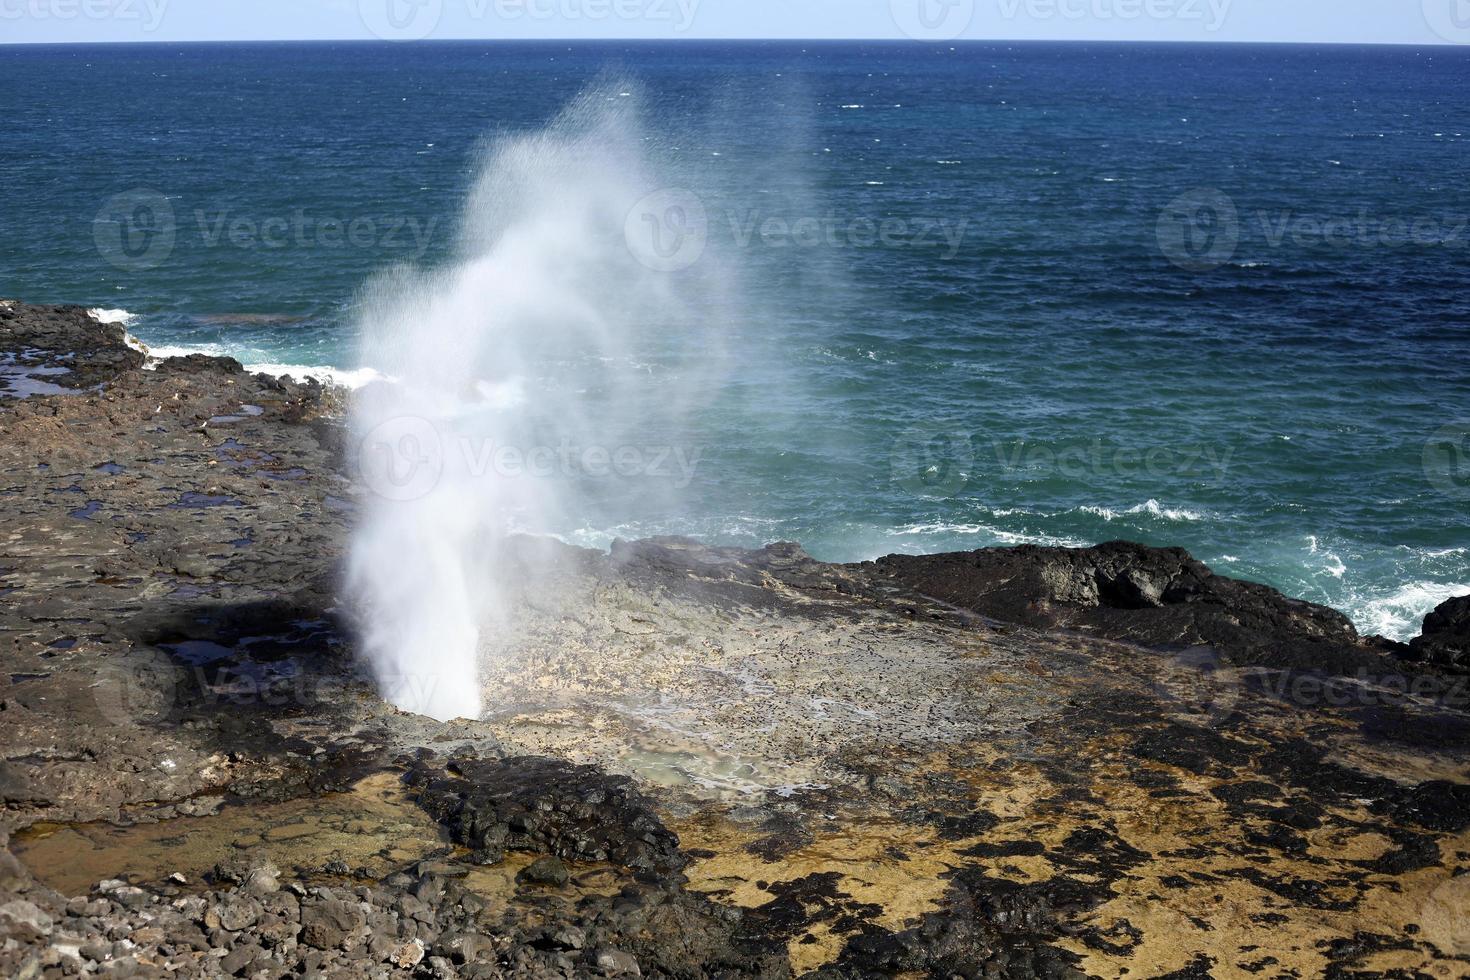 Pacifische oceaan spuithoorn, Hawaï foto